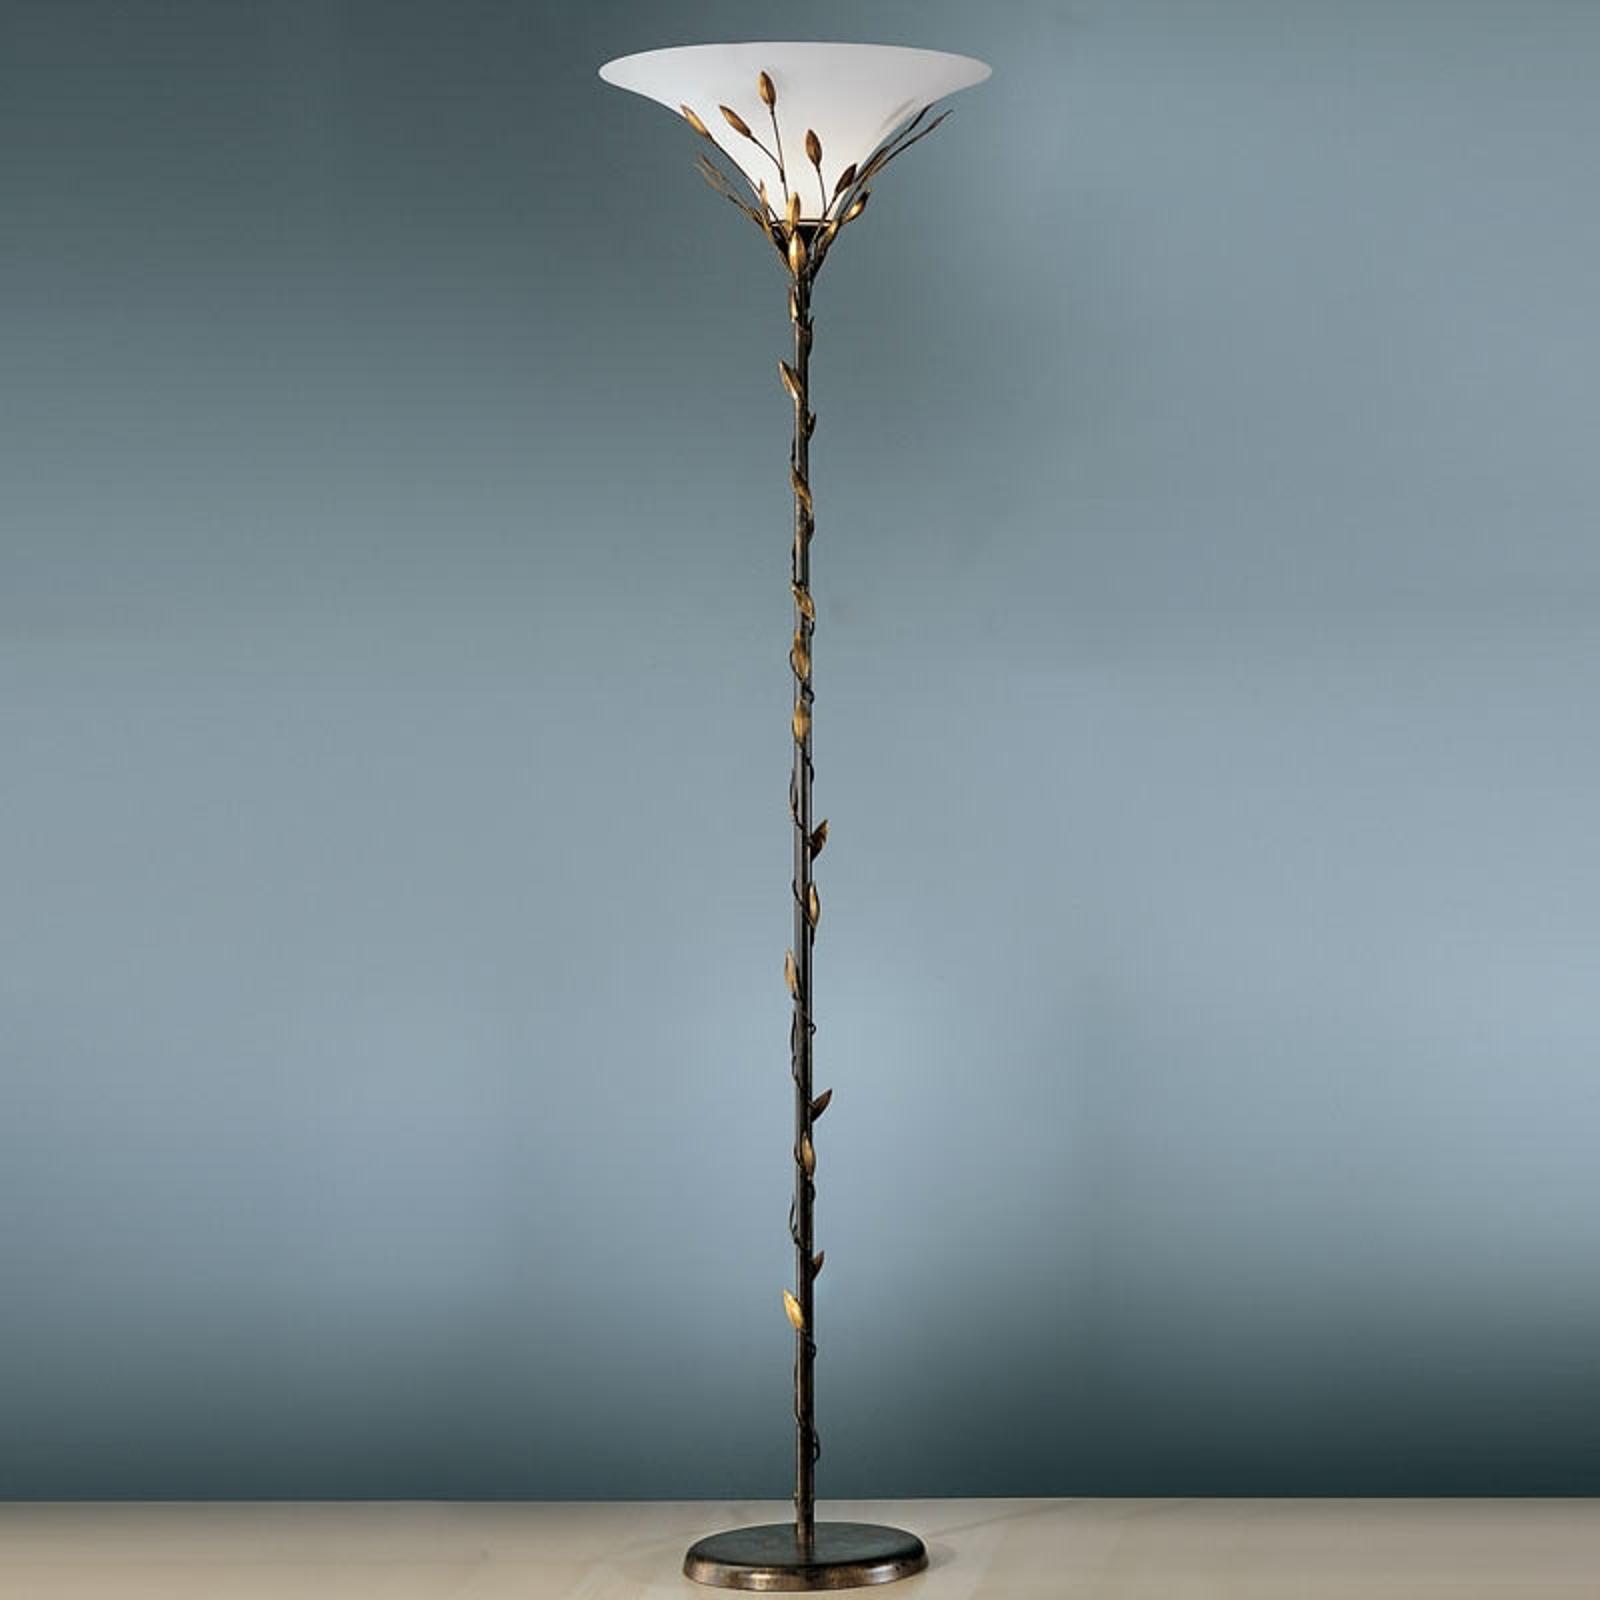 Lampa stojąca CAMPANA by Uta Kögl